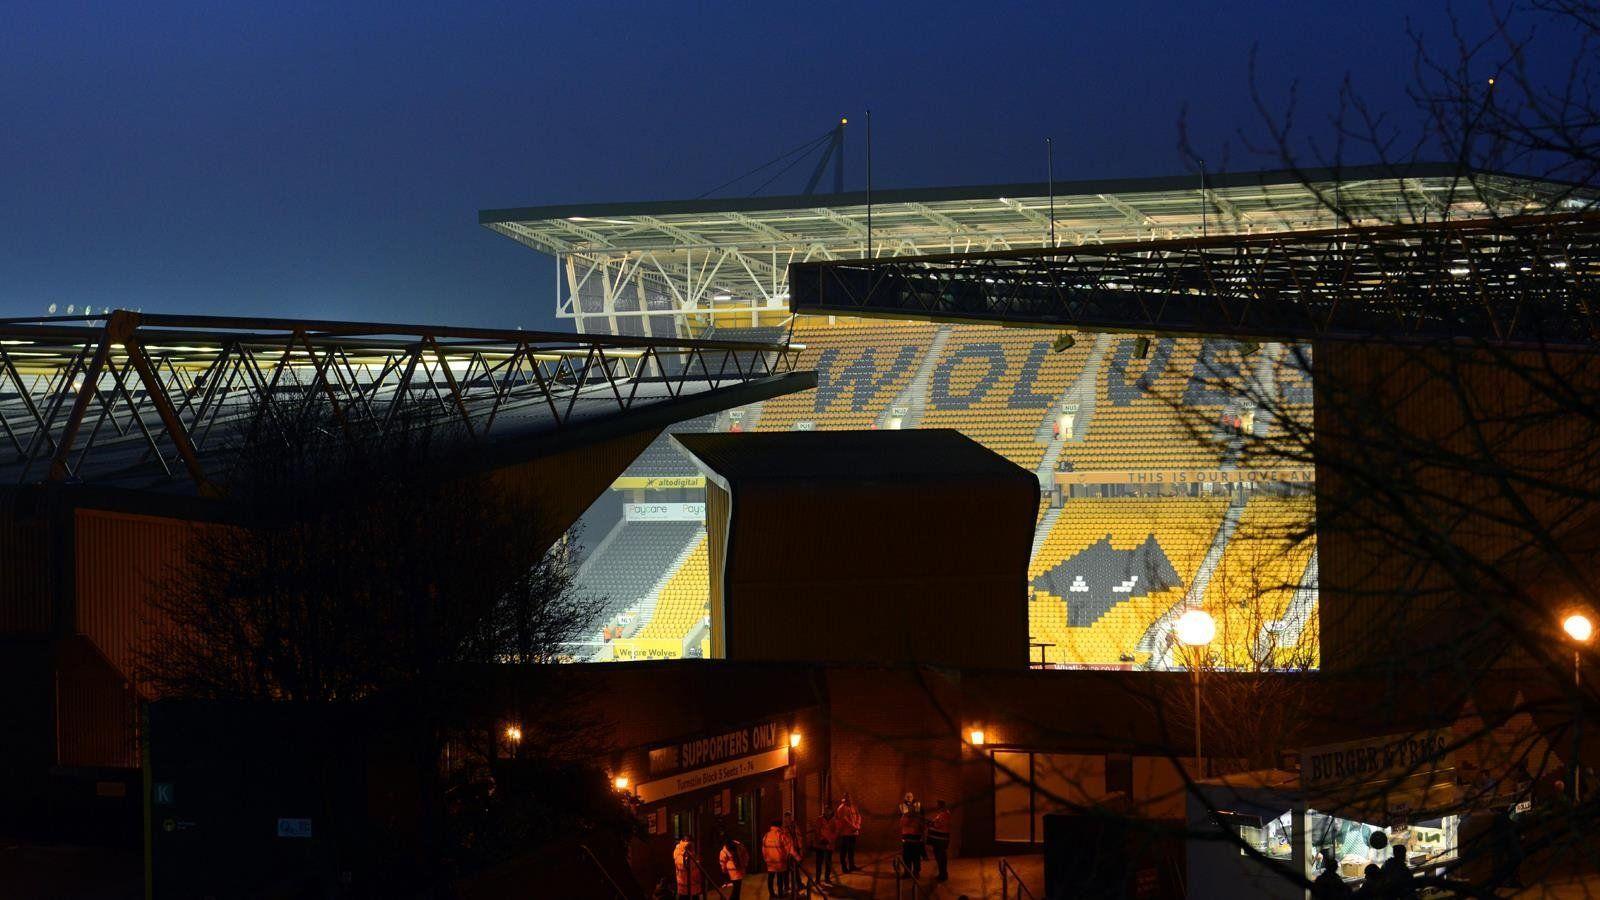 Wolverhampton Wanderers F.C. Wallpapers